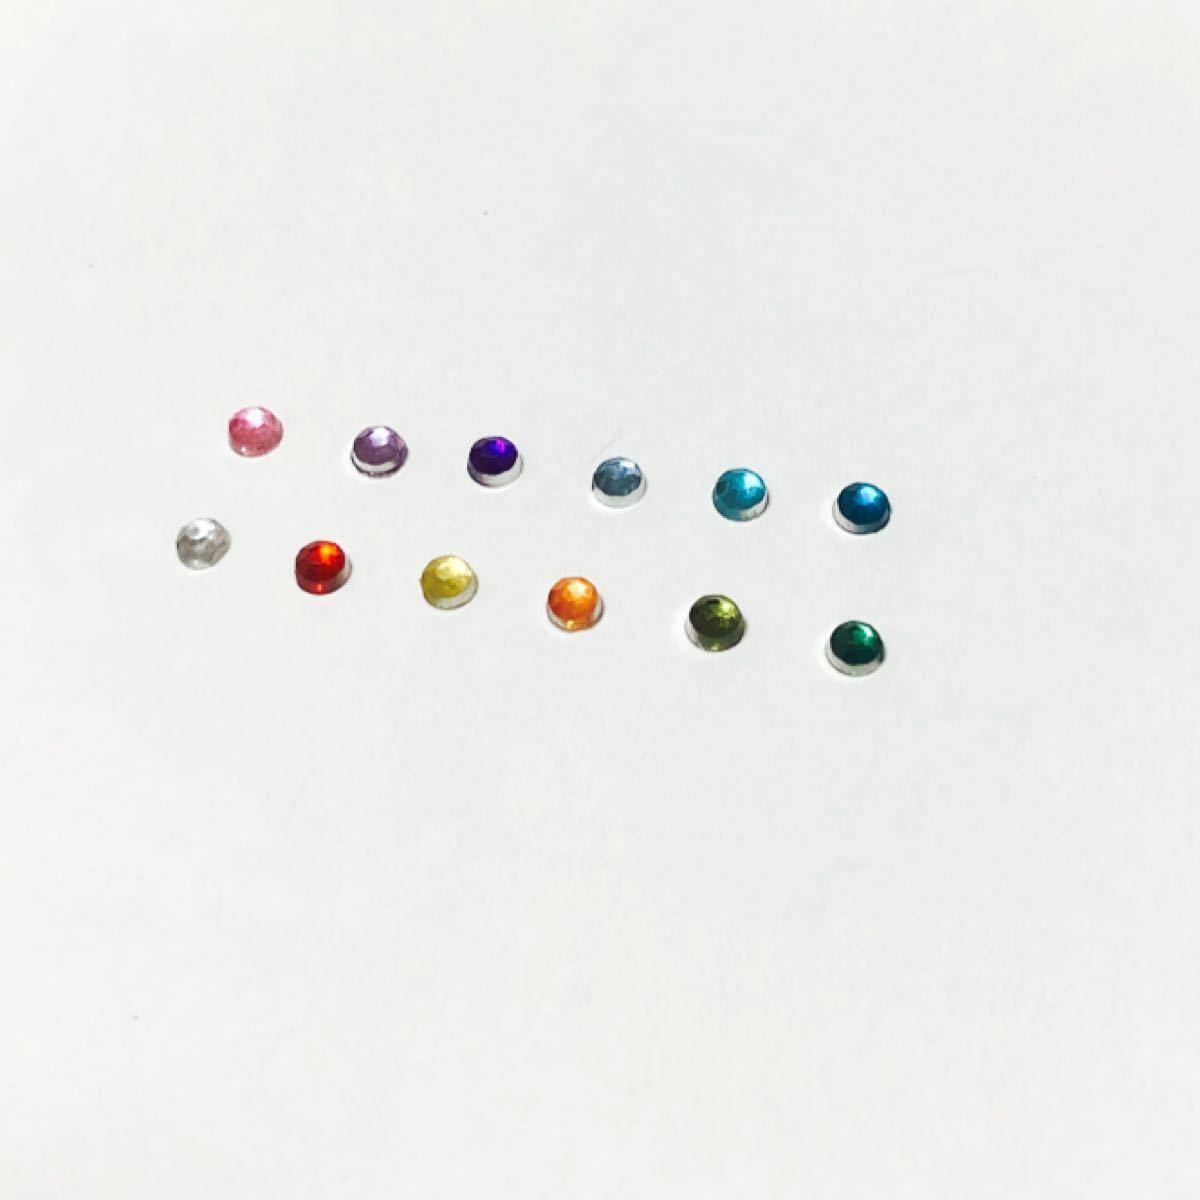 ビジュー ラインストーン pp13(ss6) 径1.8-2.0ミリ 400粒